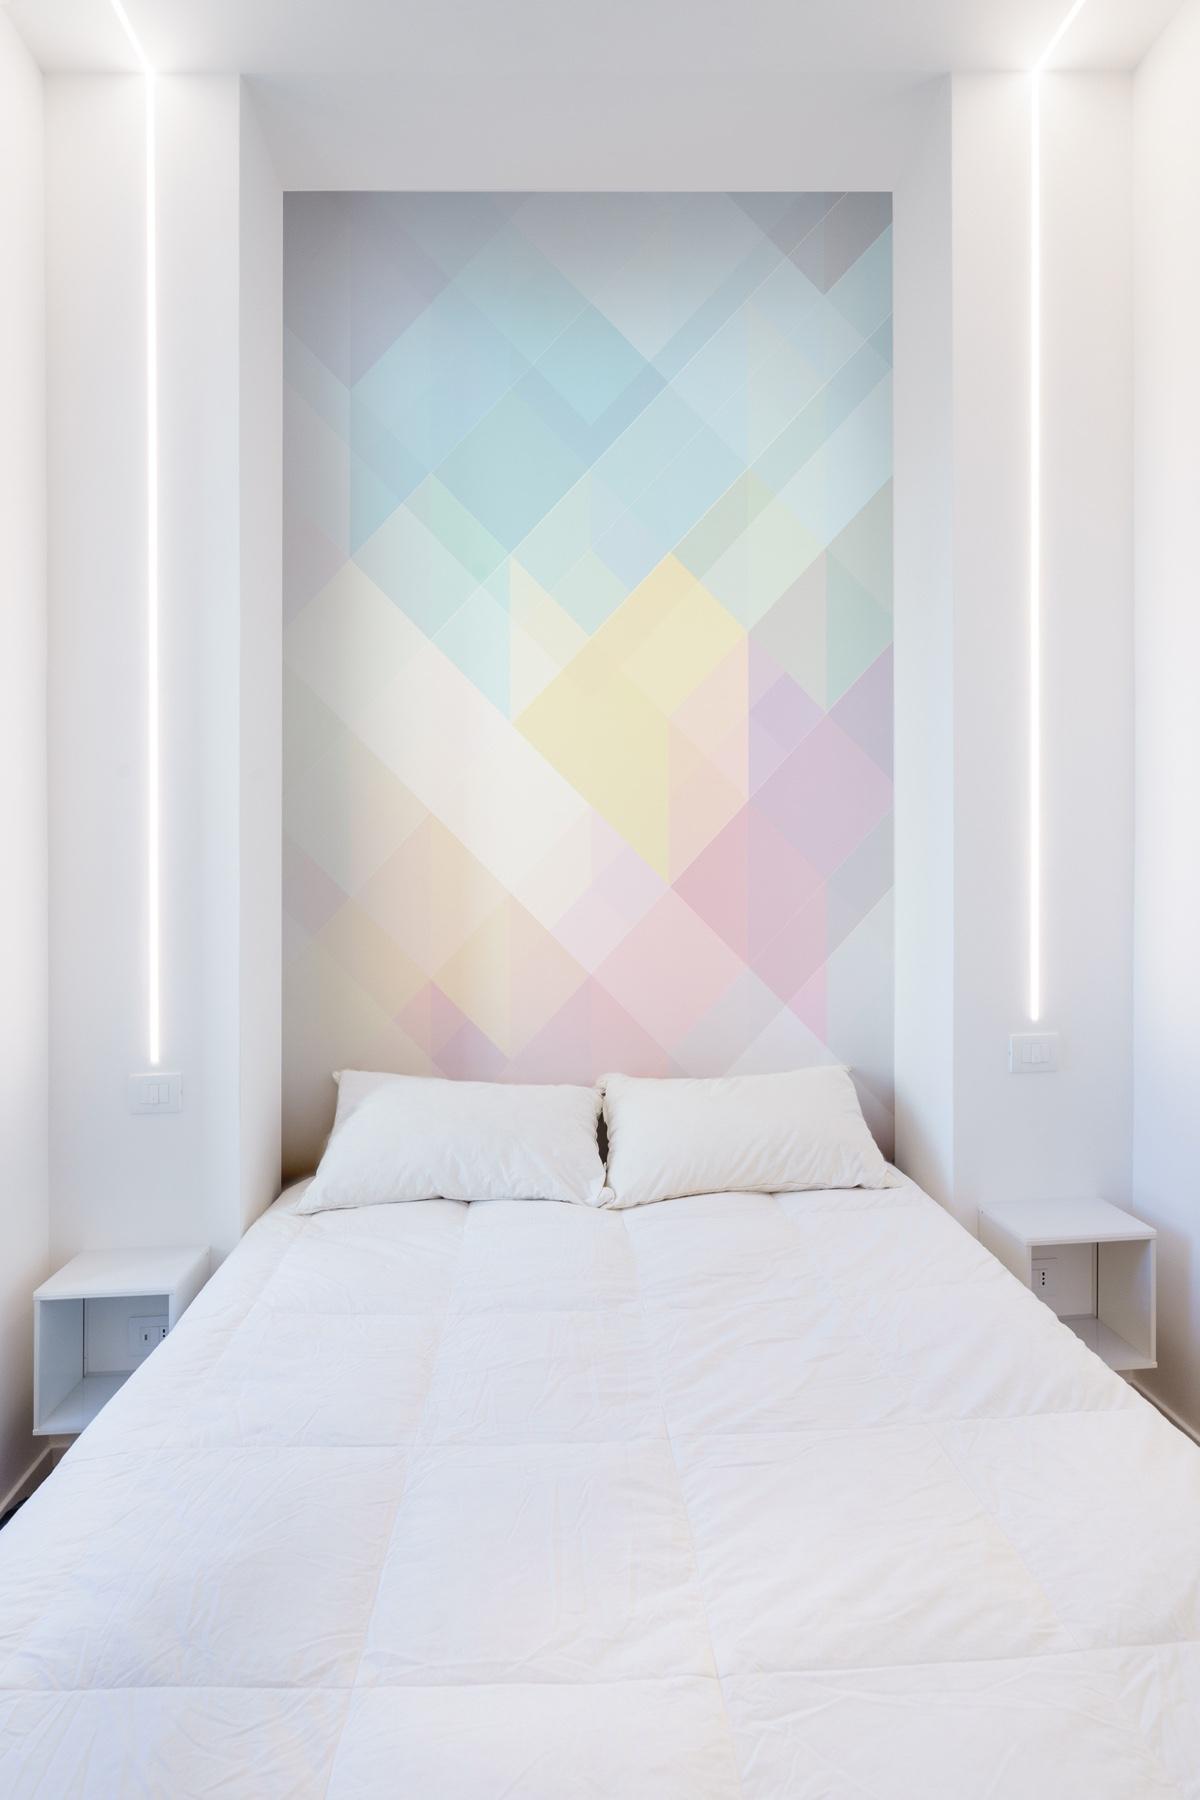 Компактный тематический интерьер со стеной-радугой: Фотообзор